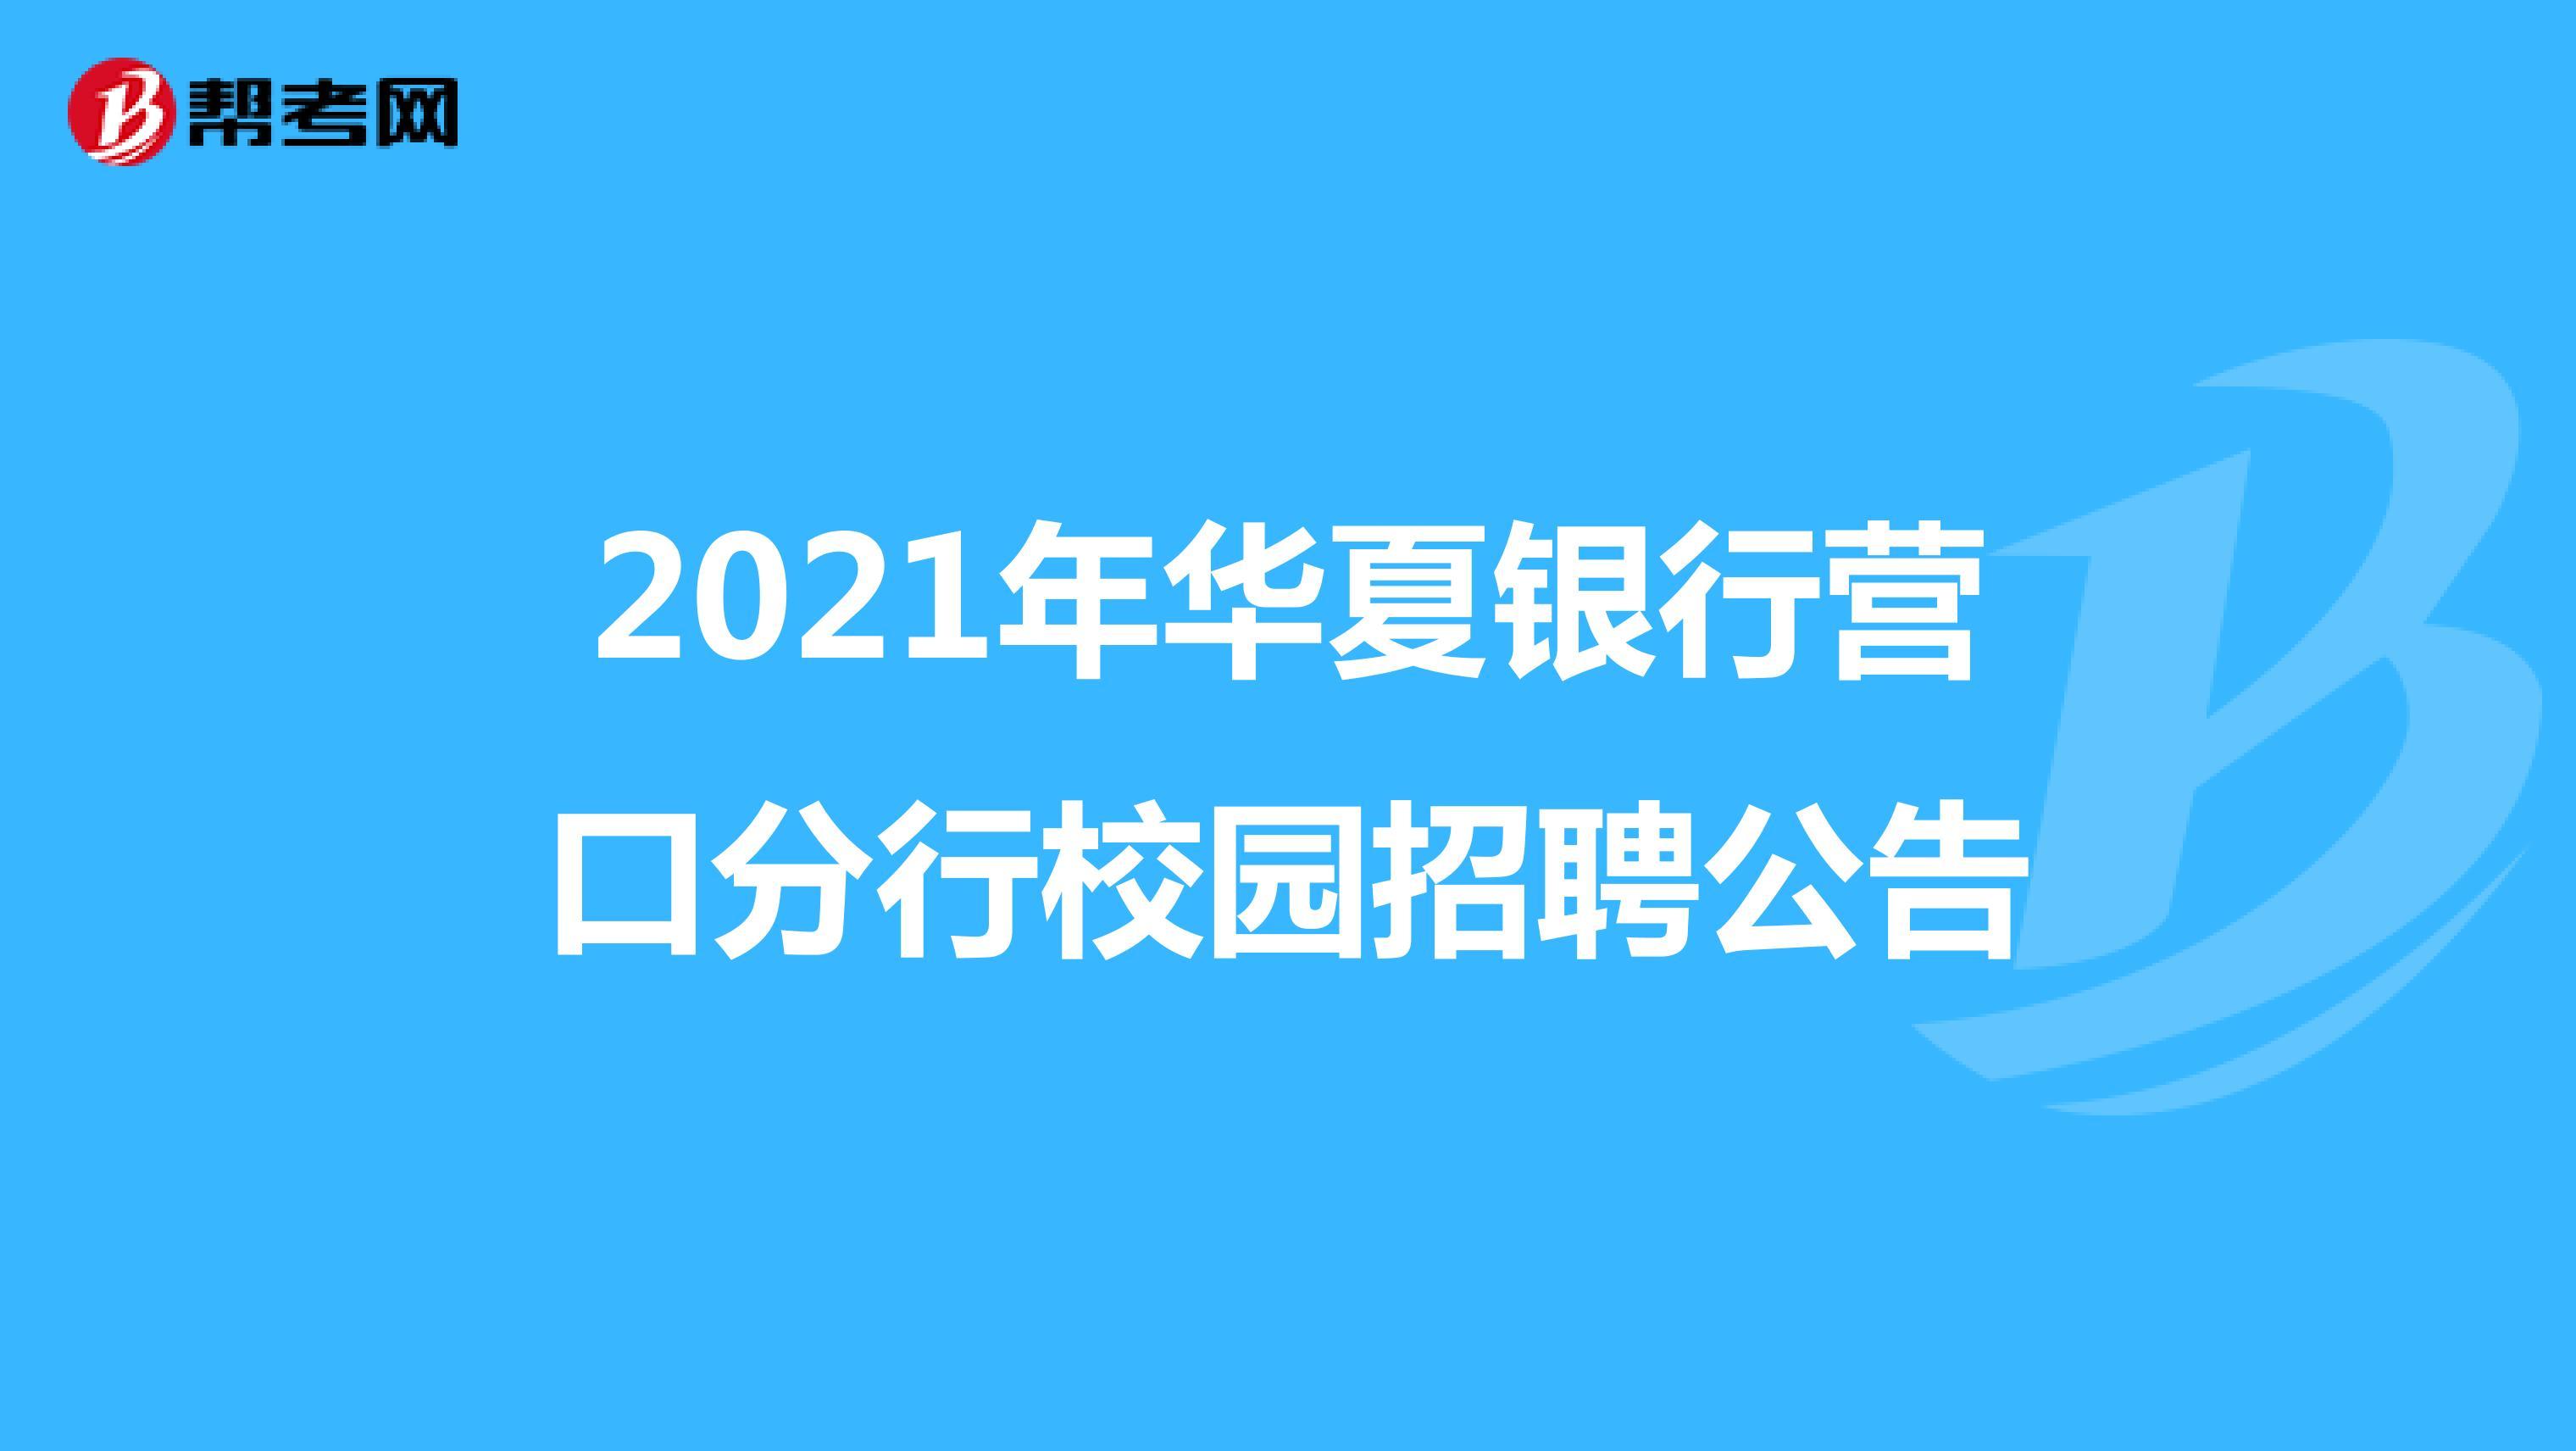 2021年华夏银行营口分行校园招聘公告